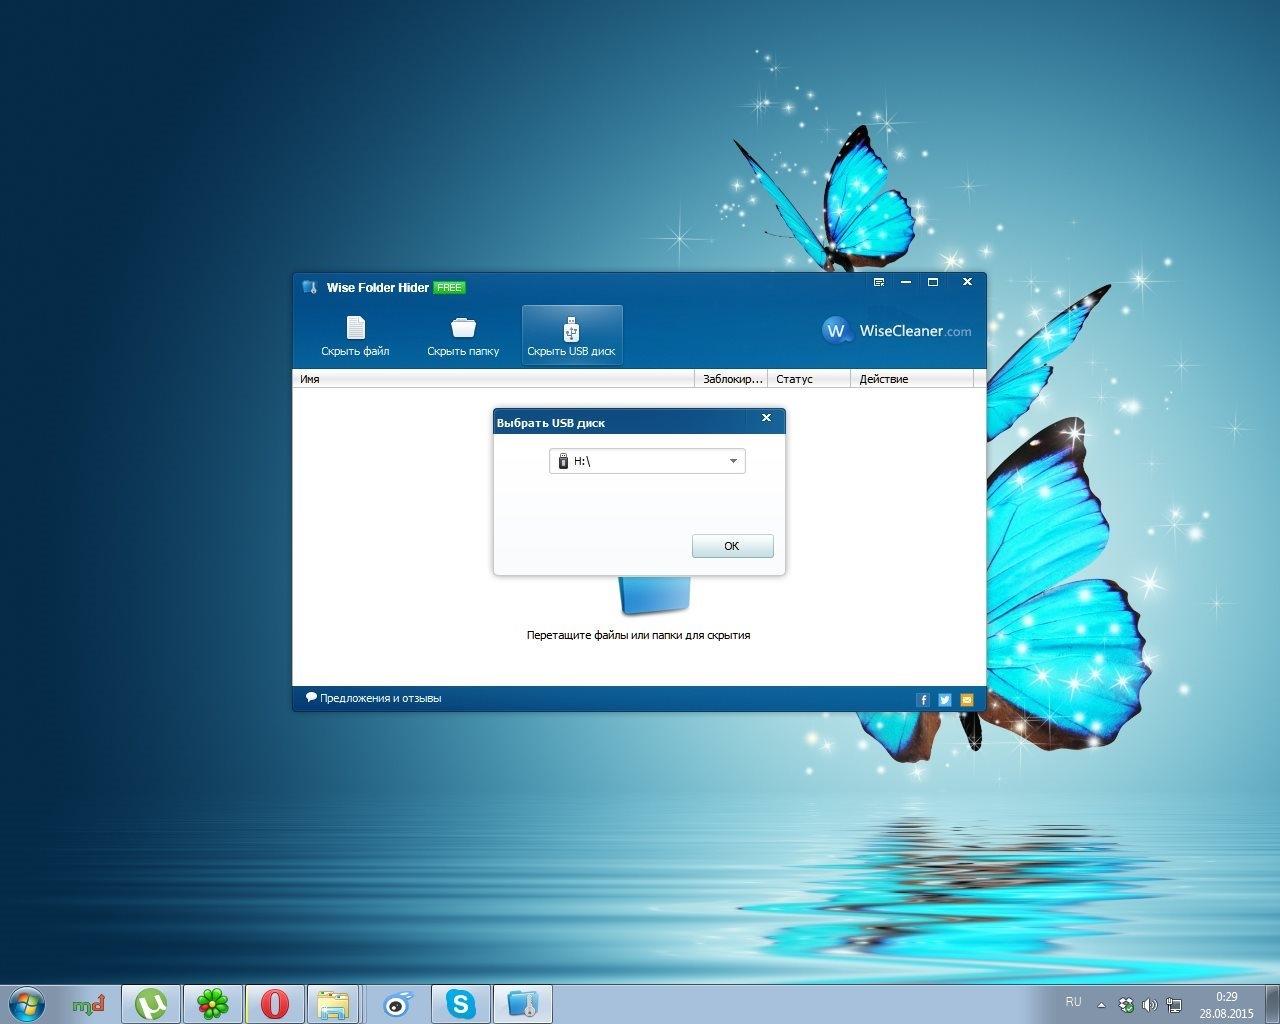 http://fs1.directupload.net/images/150828/4fq3q2e8.jpg